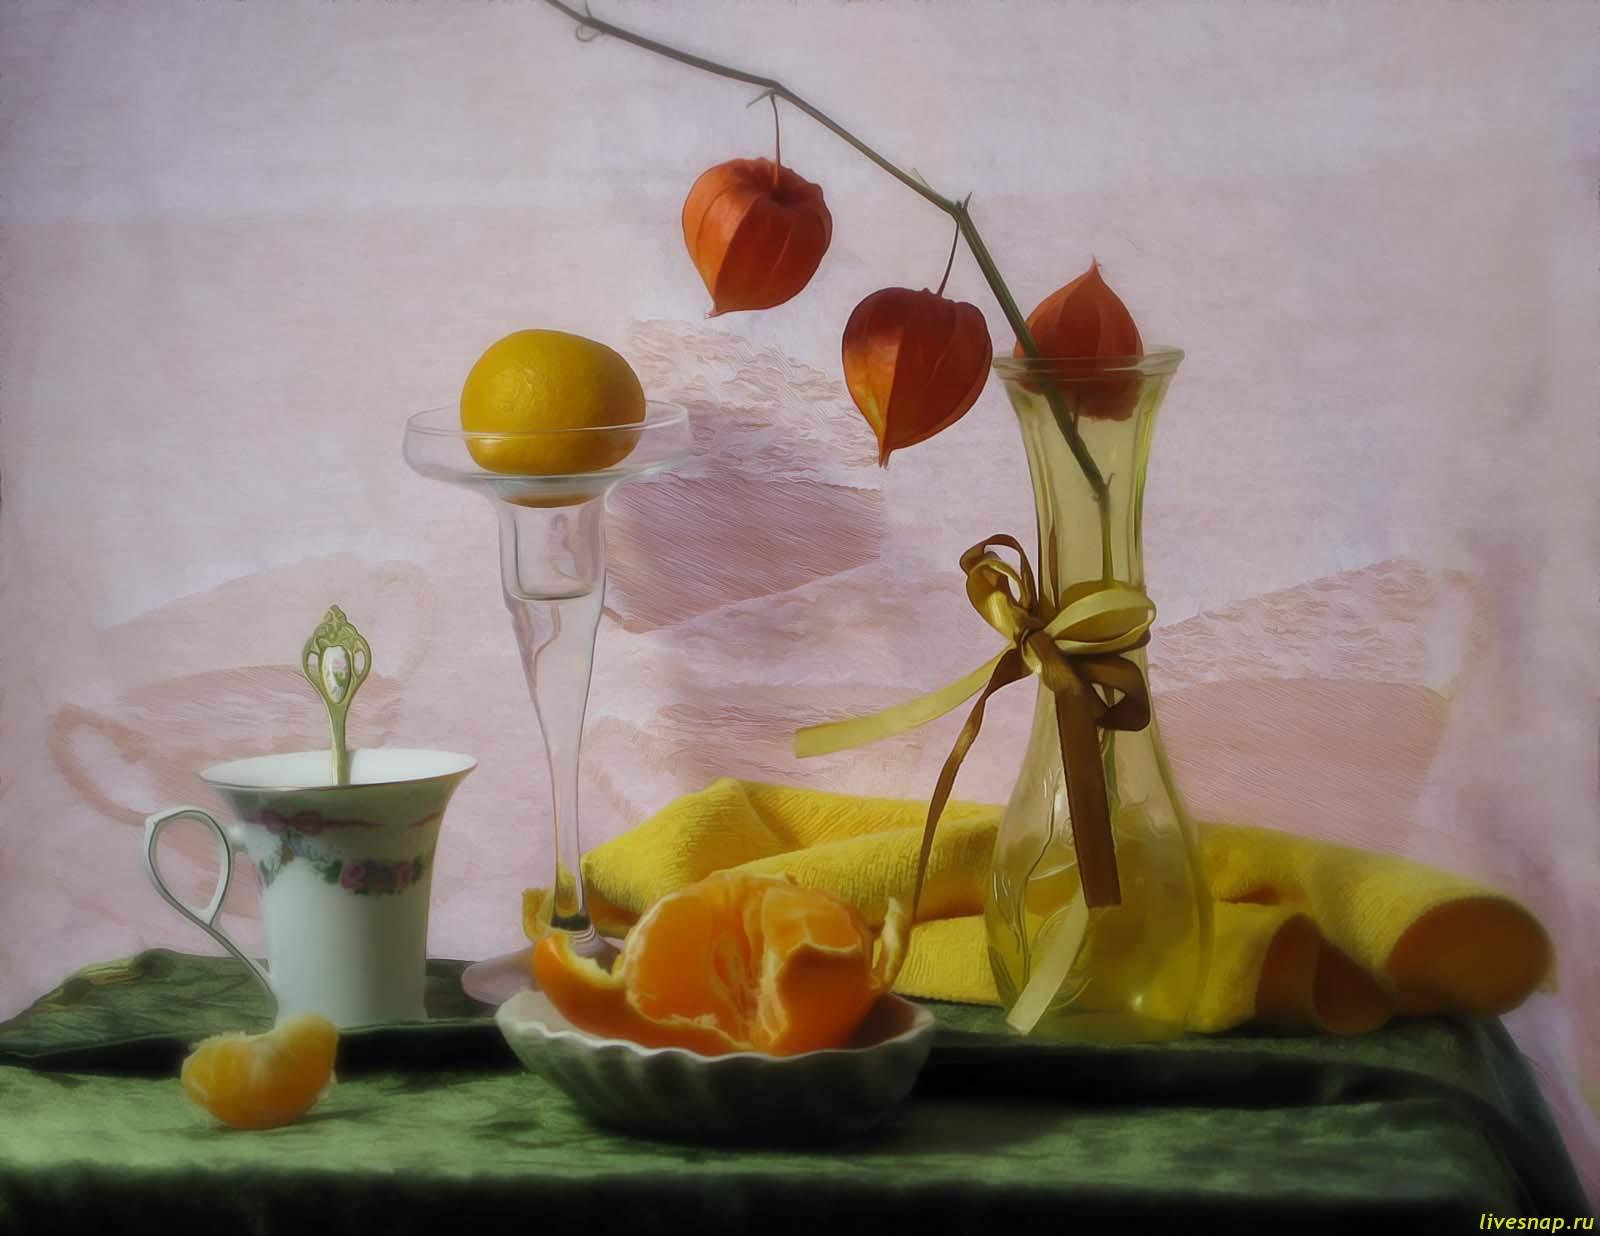 с мандарином и чашк на зп